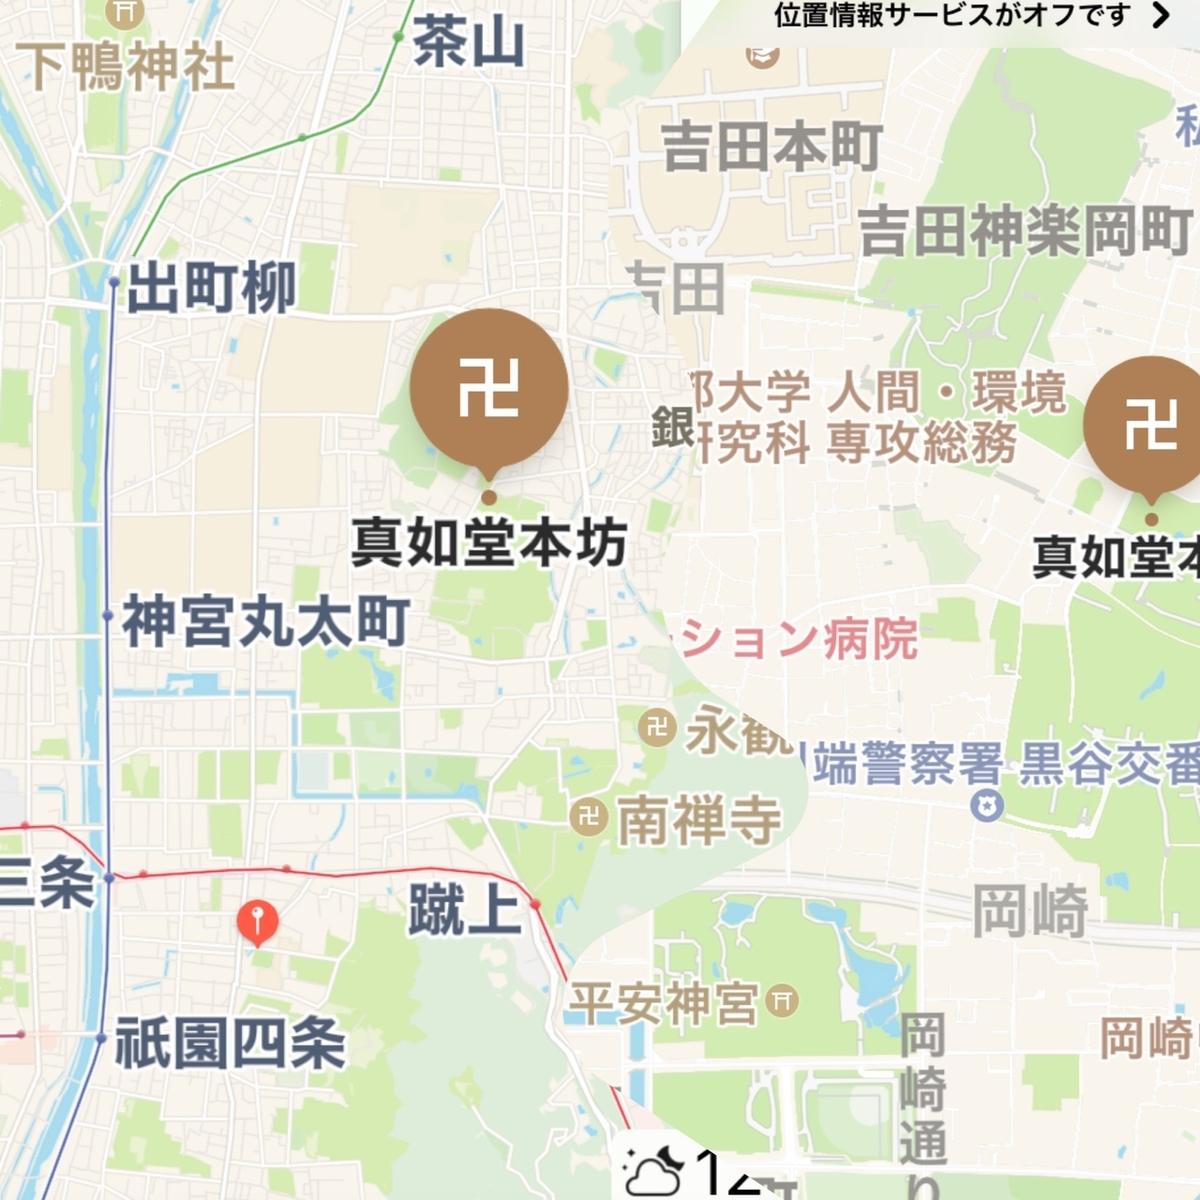 f:id:TakumiJapan:20201110172835j:plain